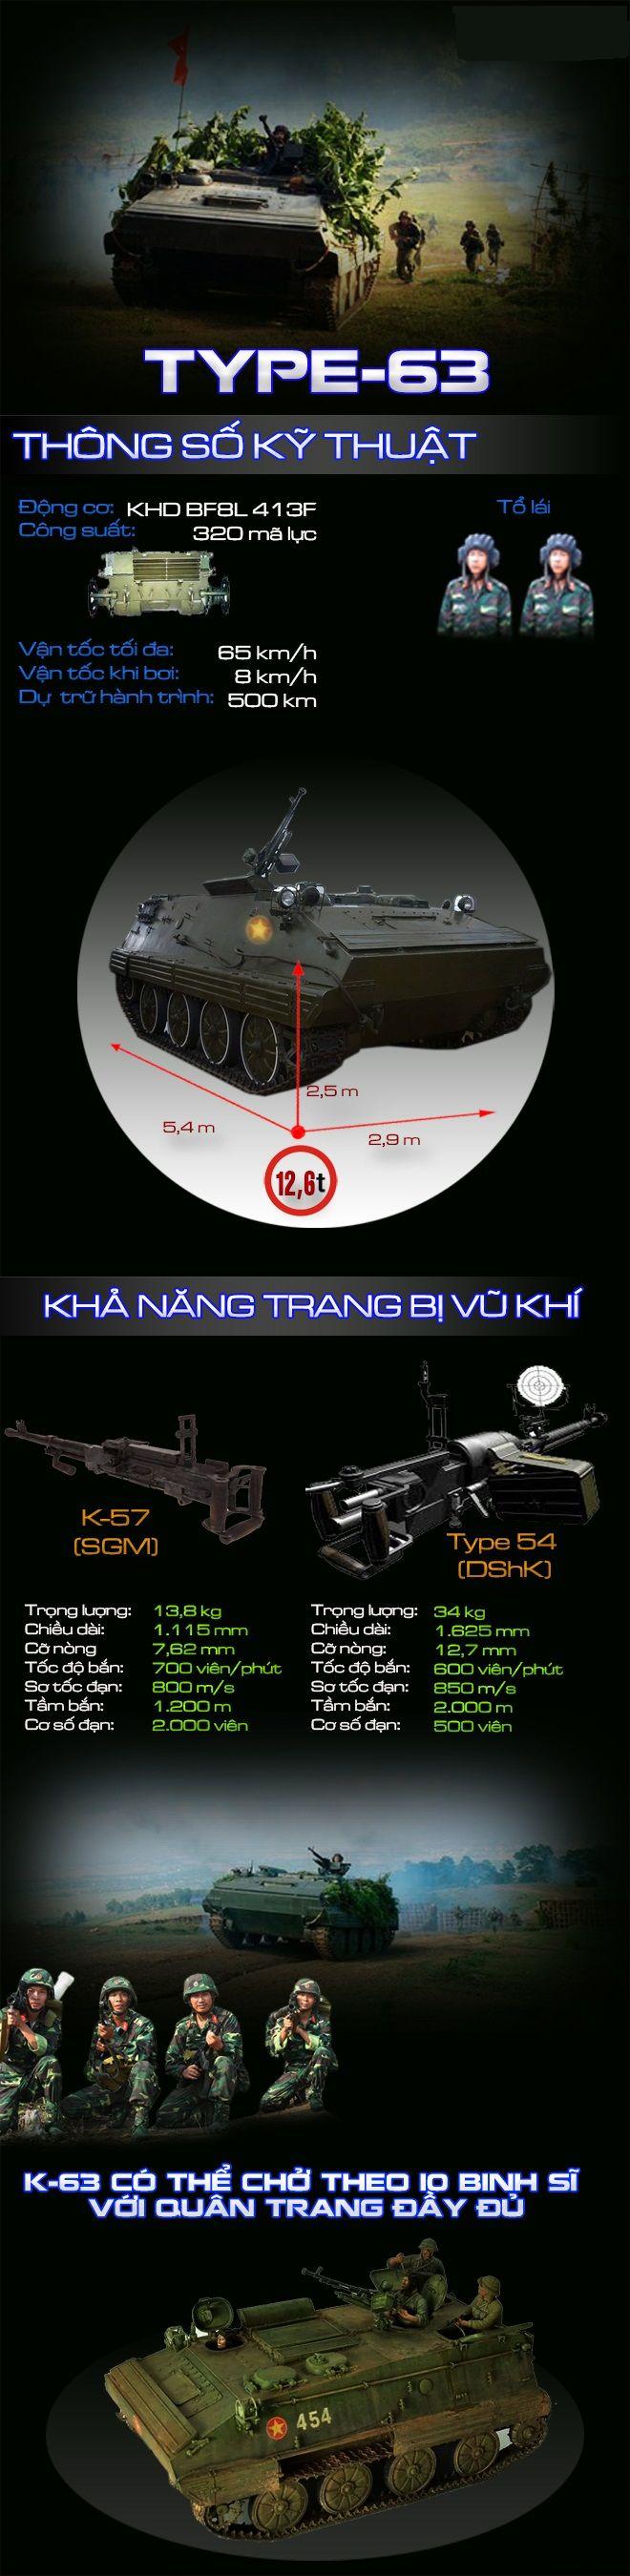 Chiếc Taxi chiến trường lừng danh của Việt Nam trong Kháng chiến chống Mỹ .